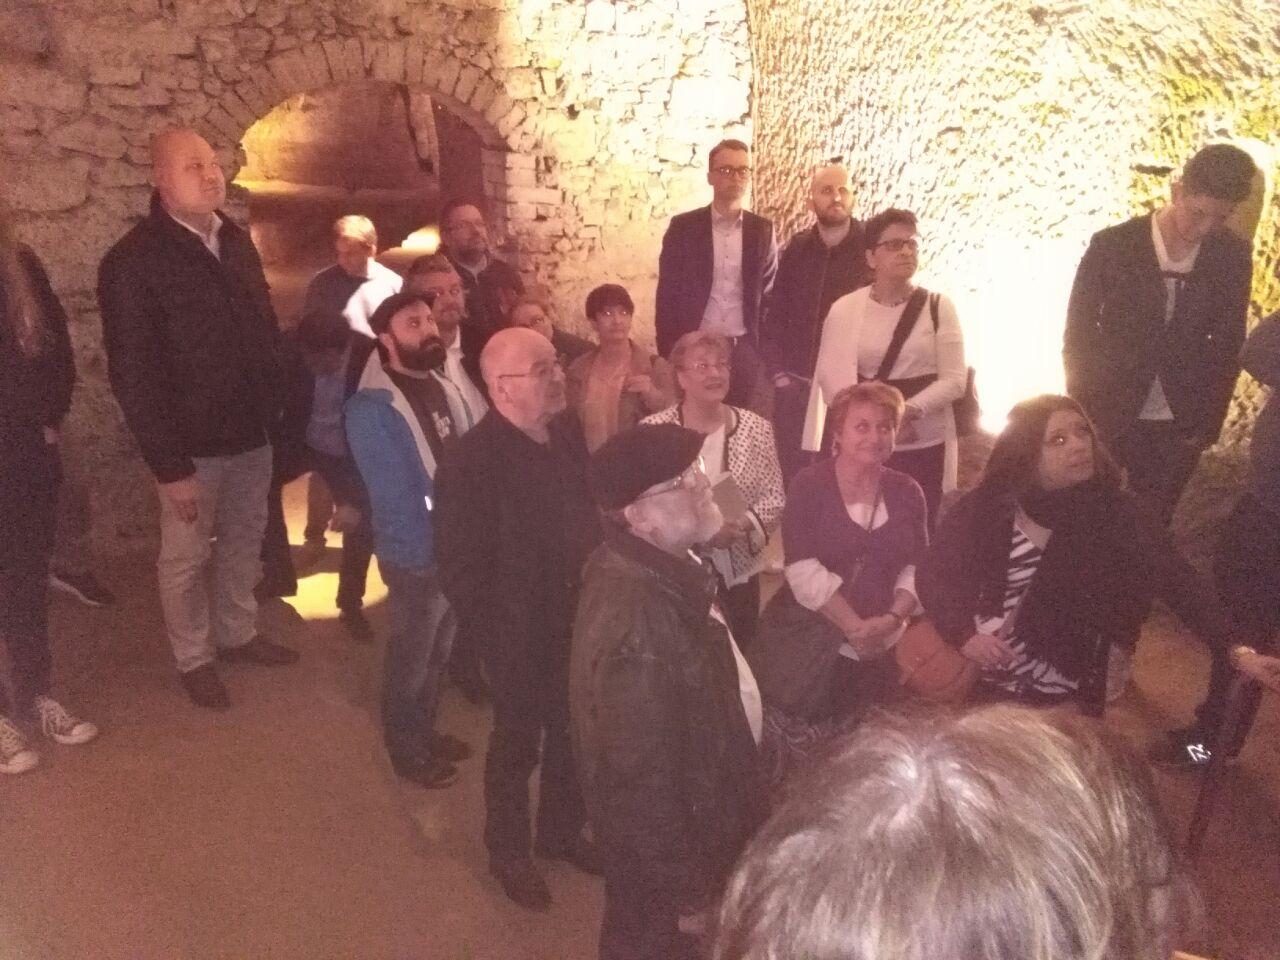 Rund 30 Mitglieder besichtigten die Schwandorfer Felsenkeller im Rahmen des Kulturtages